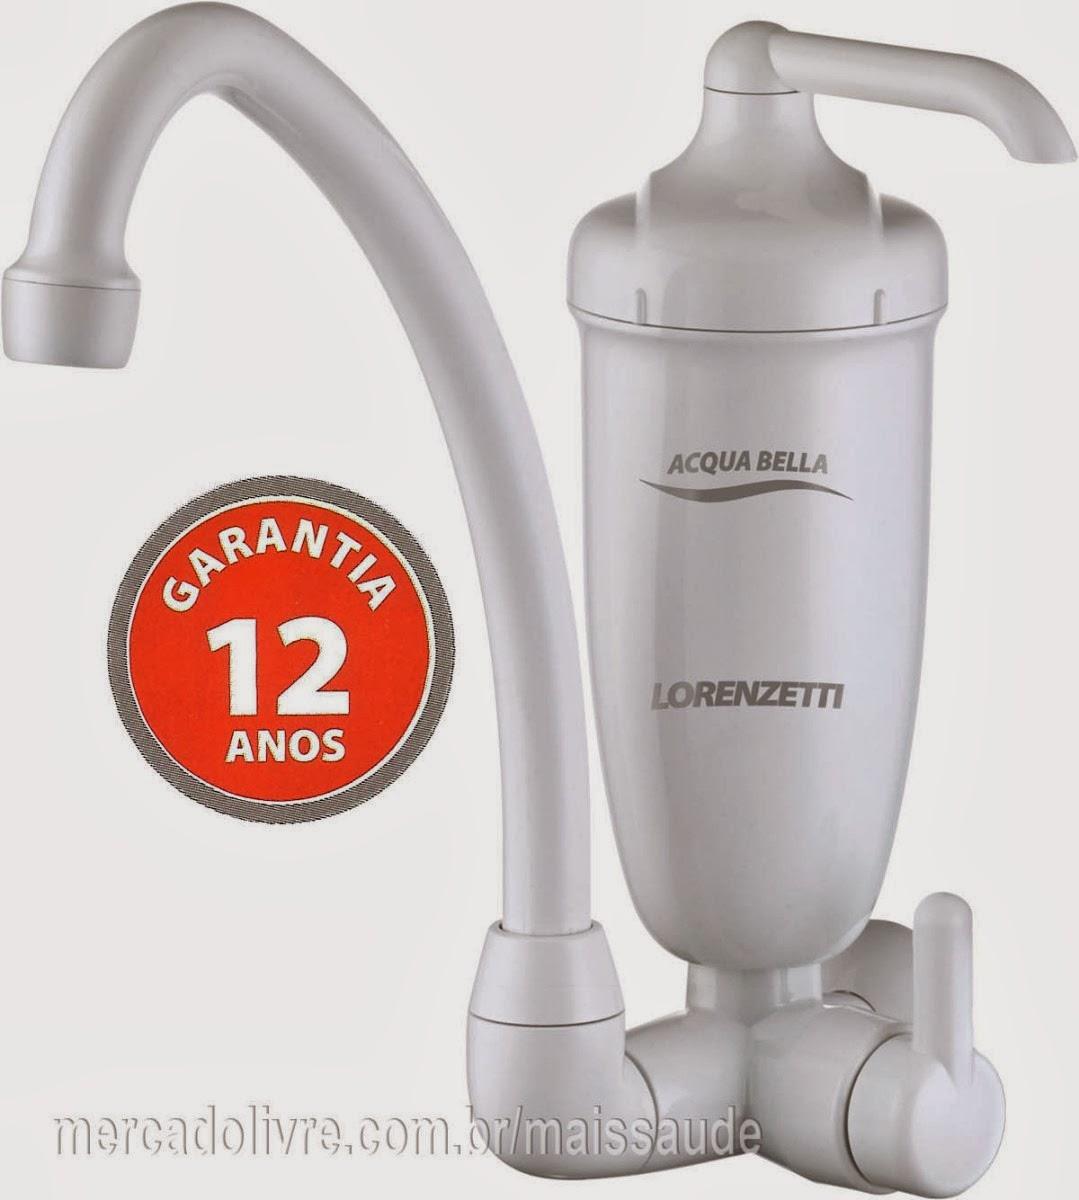 Casei quero casa filtro ou gua mineral for Filtro agua casa